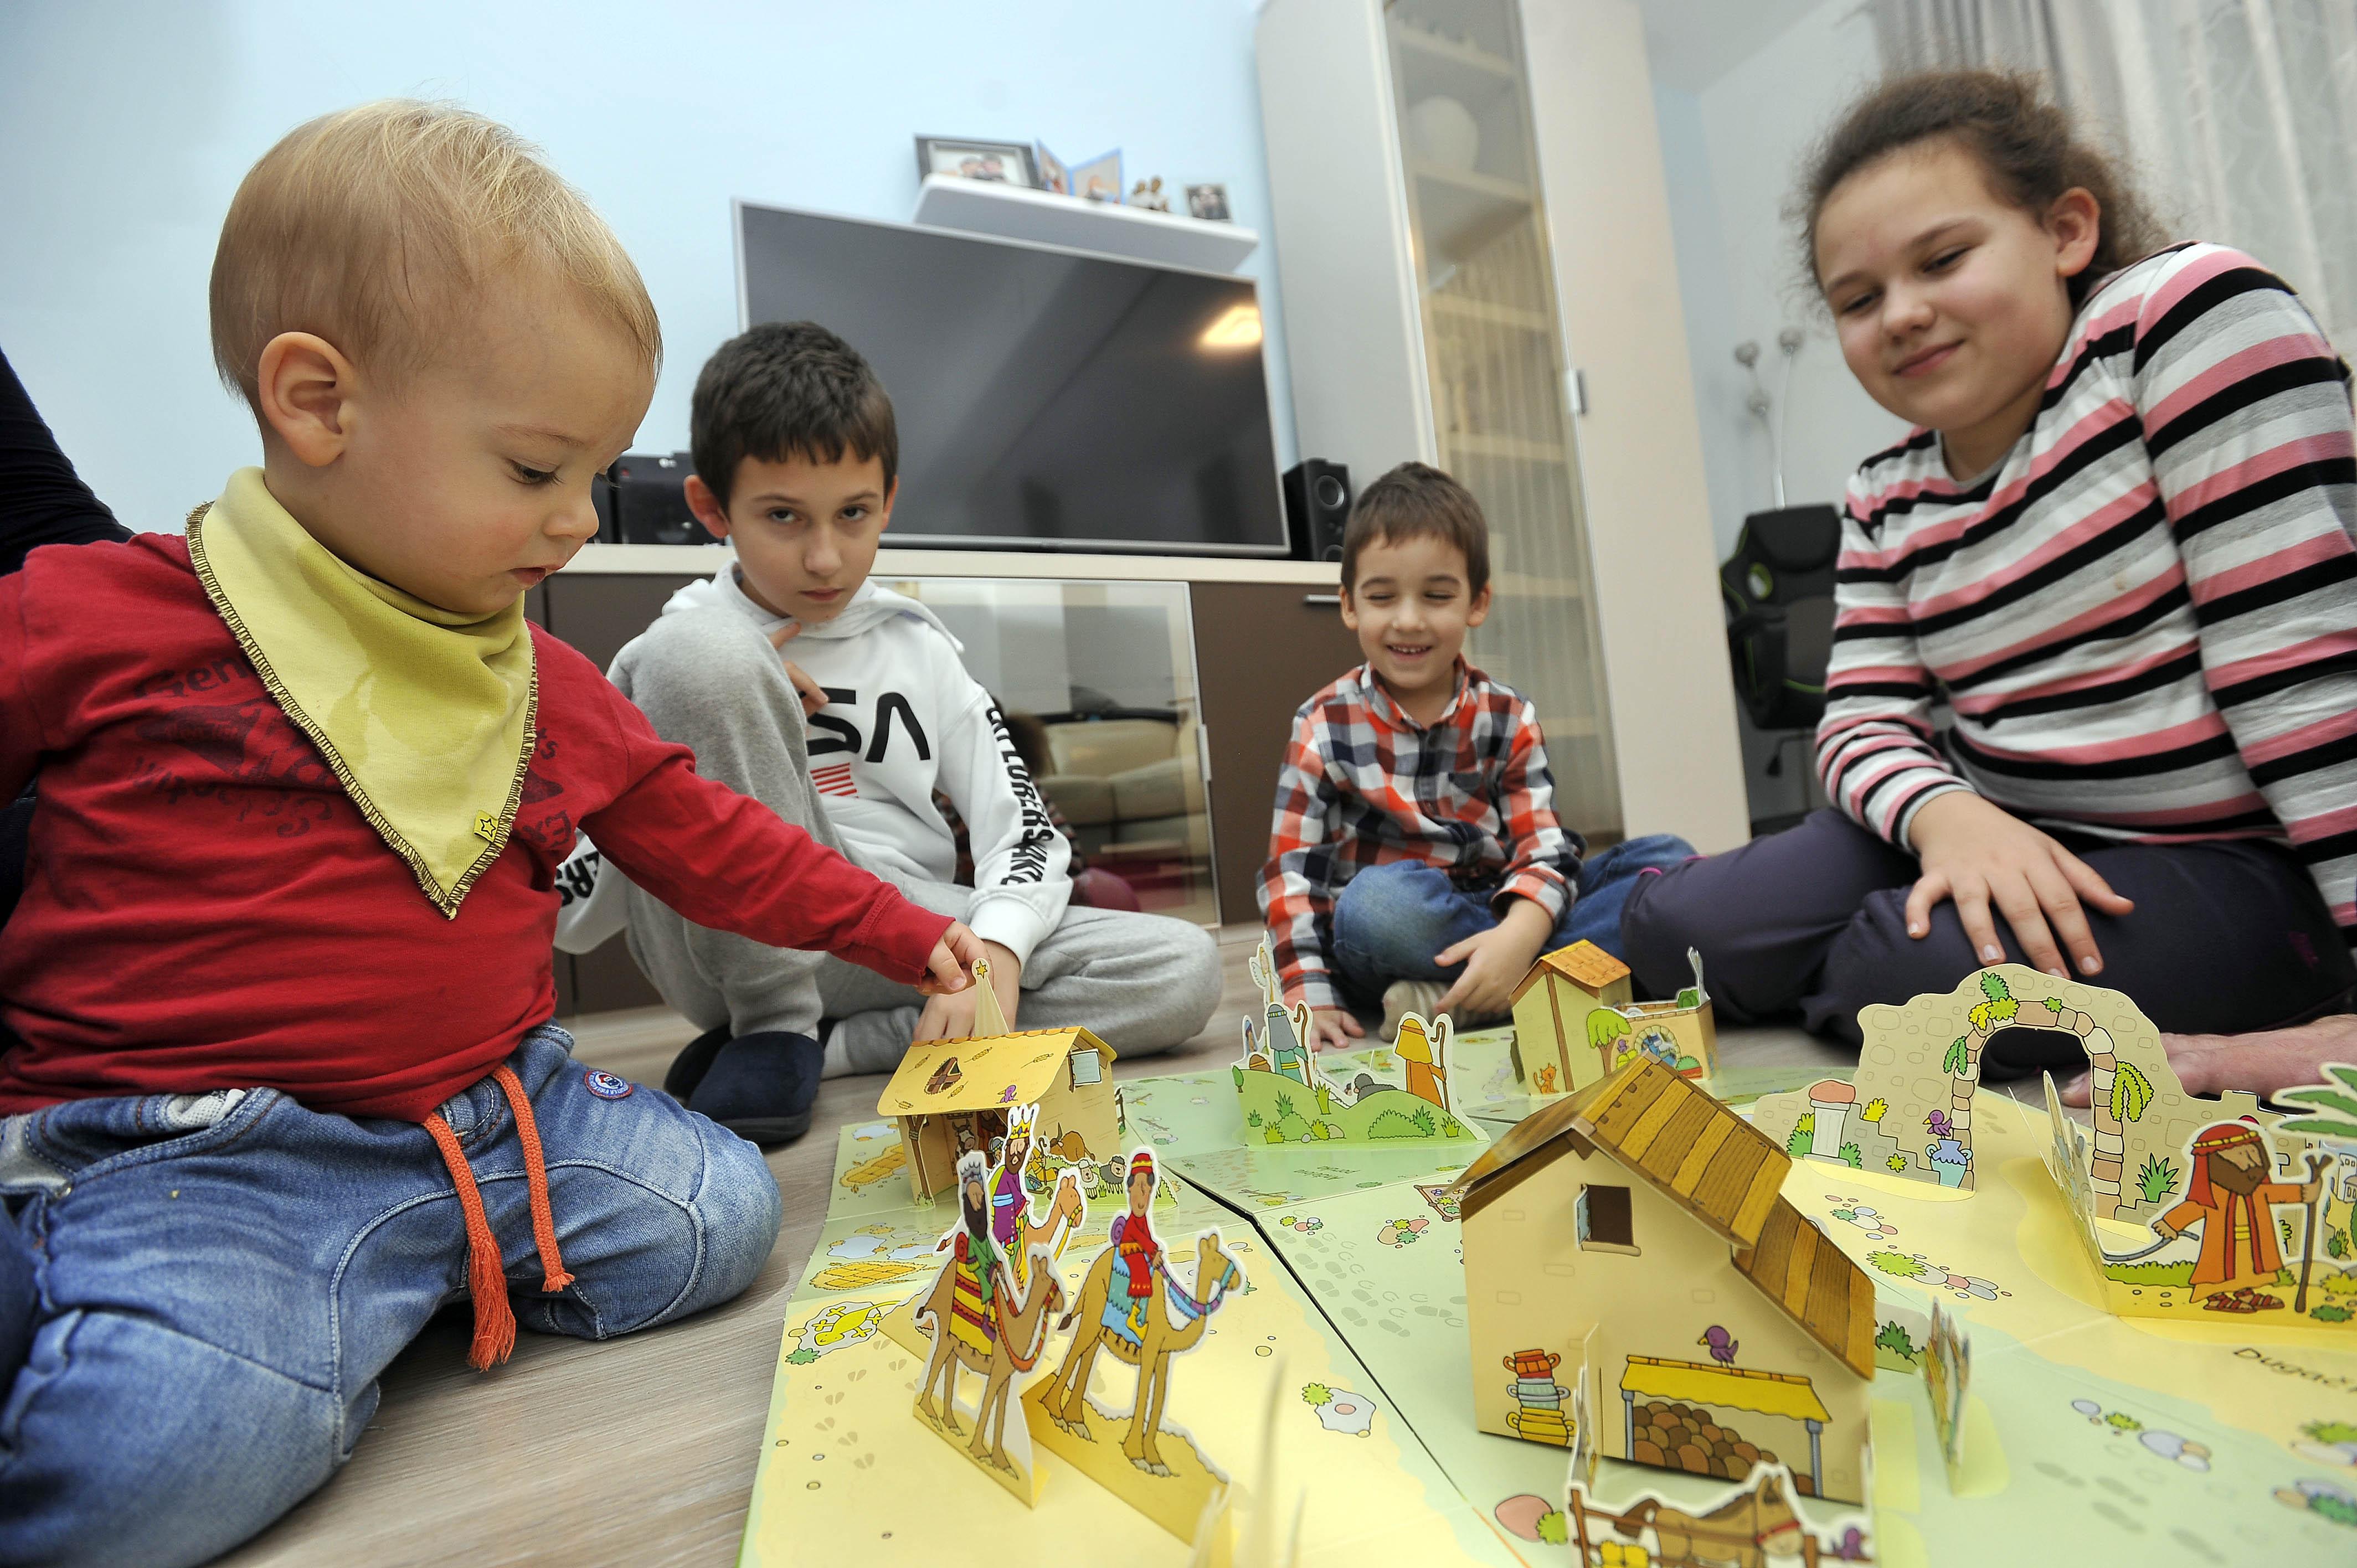 Obitelj Bunčić: Josip, Ivan, Andrija i Dora – zabava uz božićnu slikovnicu / Snimio Davor KOVAČEVIĆ